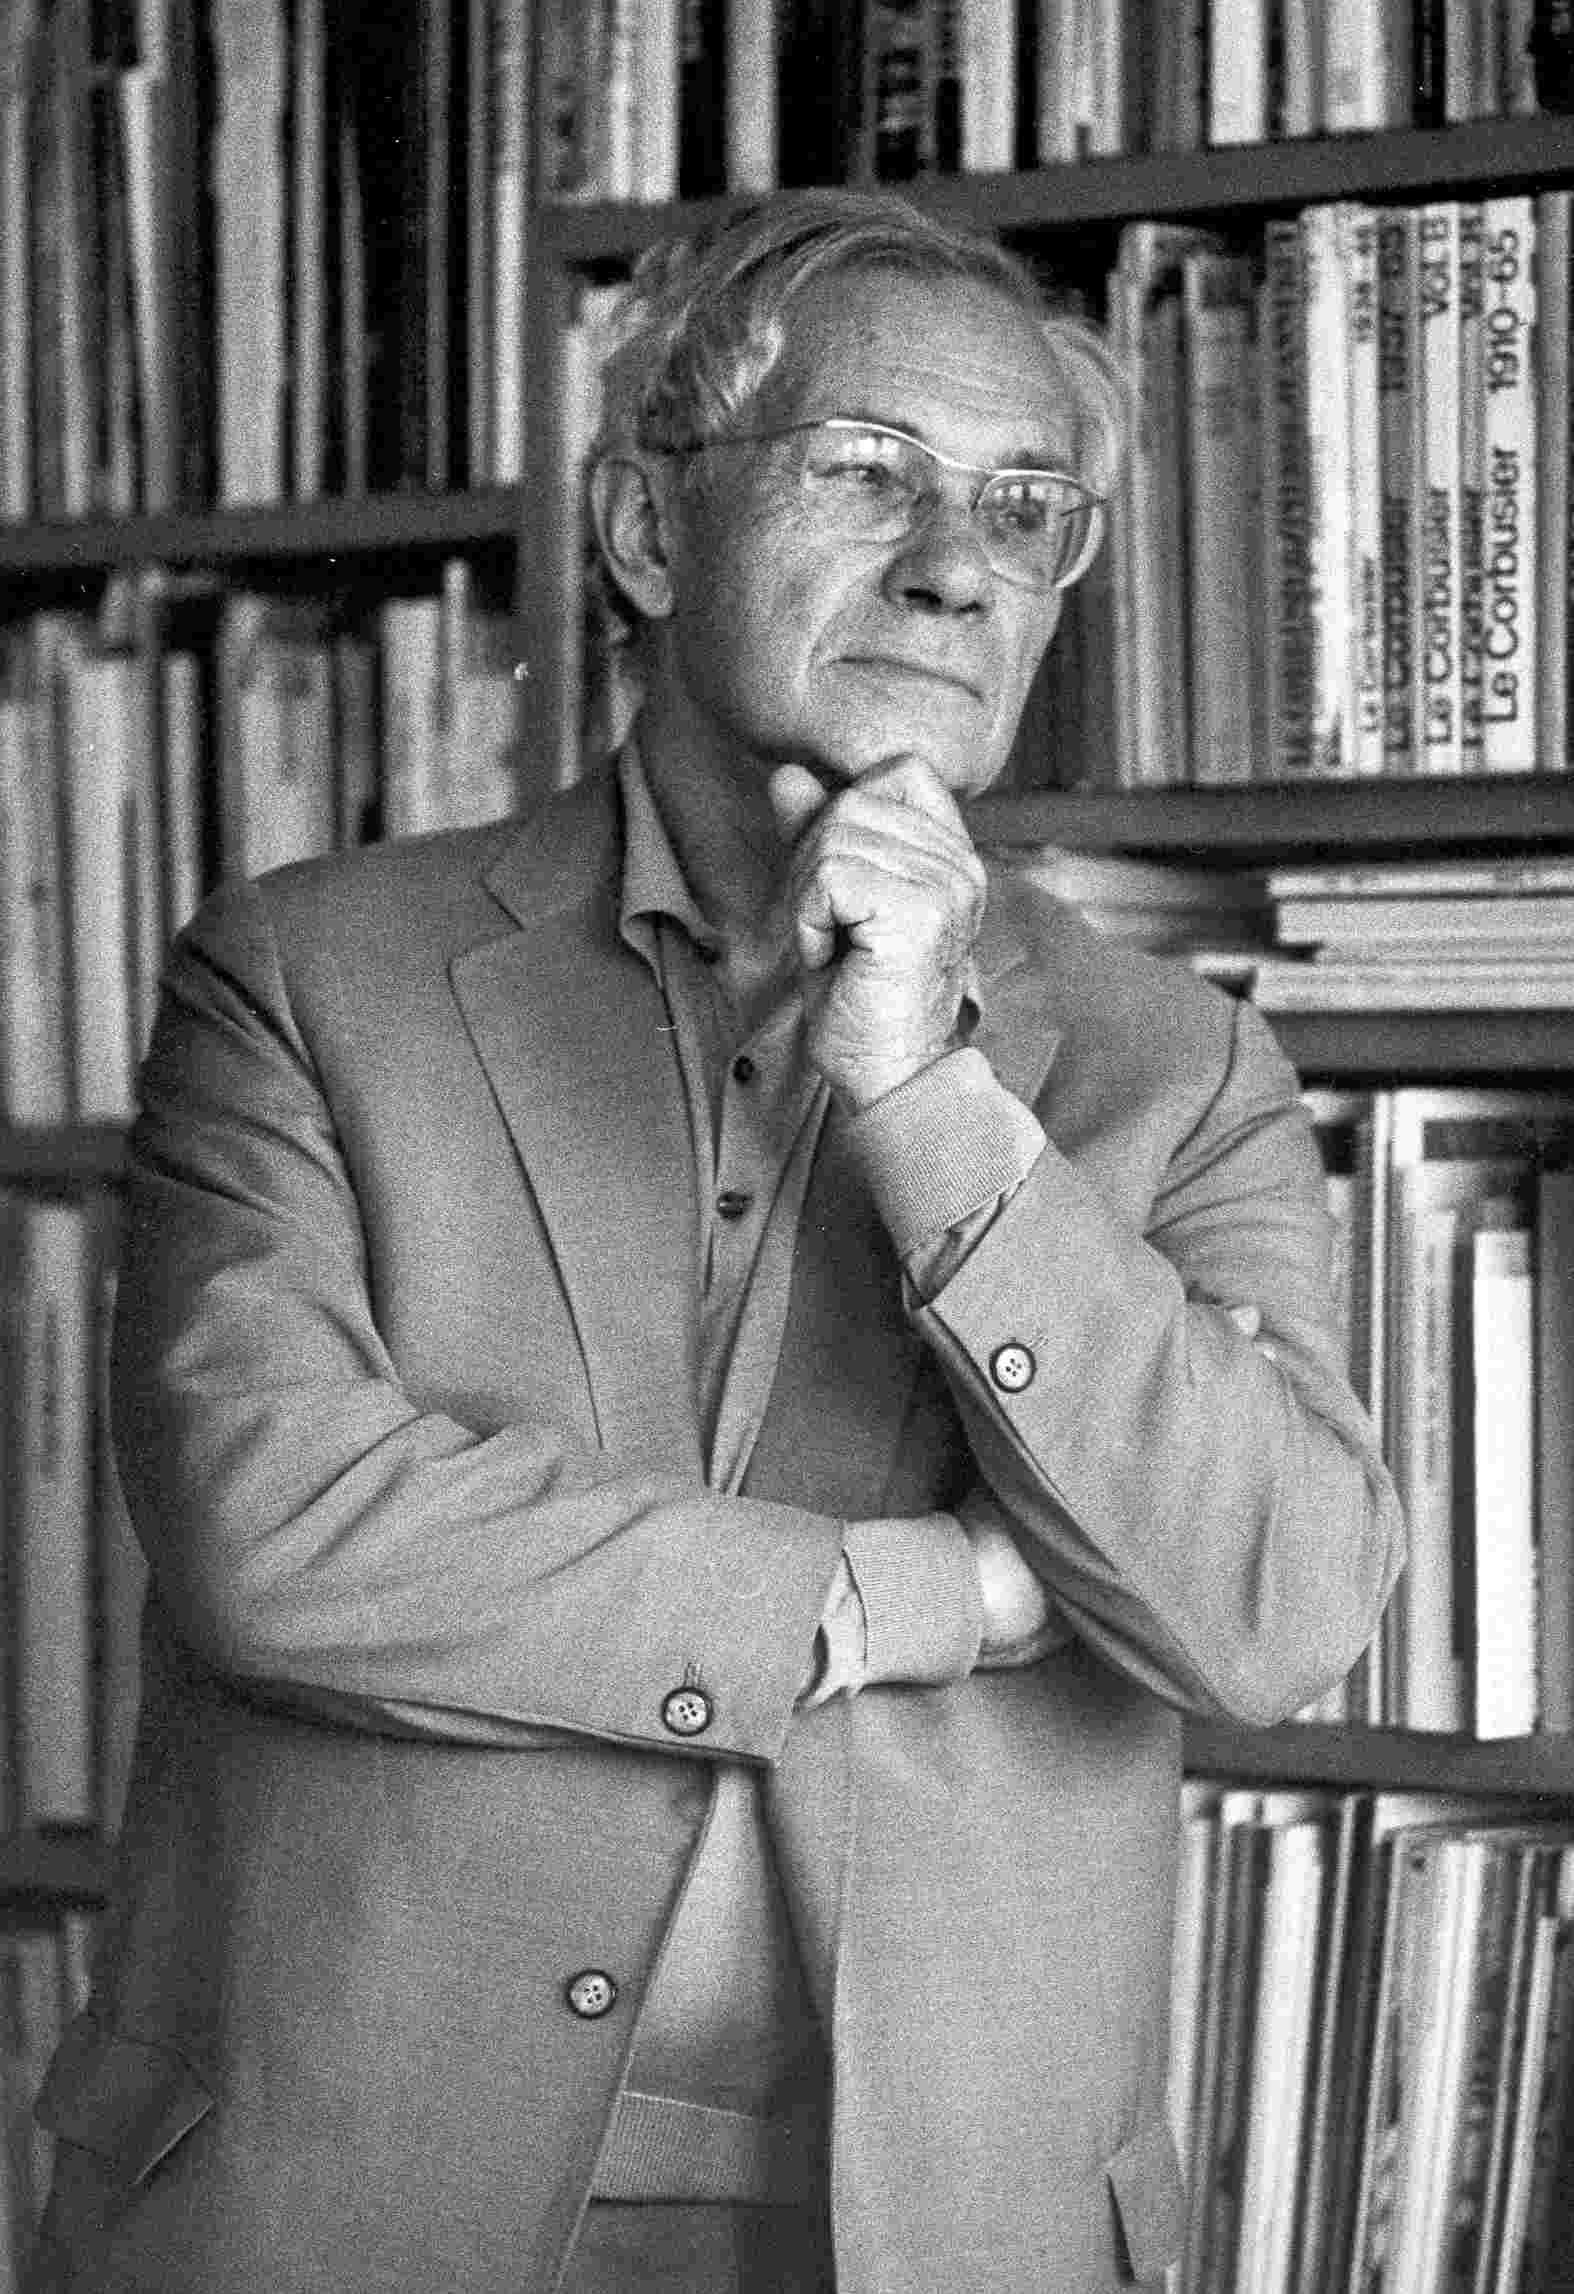 """Von 1951 bis 1956 war Max Bill Mitbegründer, Architekt und erster Rektor der Hochschule für Gestaltung in Ulm. 1961 bis 1964 prägte er die Schweizerische Landesausstellung in Lausanne als Chefarchitekt des Sektors """"Bilden und Gestalten"""" bevor er von 1967 bis 1974 als Professor an der Staatlichen Hochschule für Bildende Künste in Hamburg tätig war. Max Bill erhielt 1993 den """"Praemium Imperiale"""". Er verstarb am 9. Dezember 1994 in Berlin. http://www.connox.de/max-bill.html?p=100465=designer"""